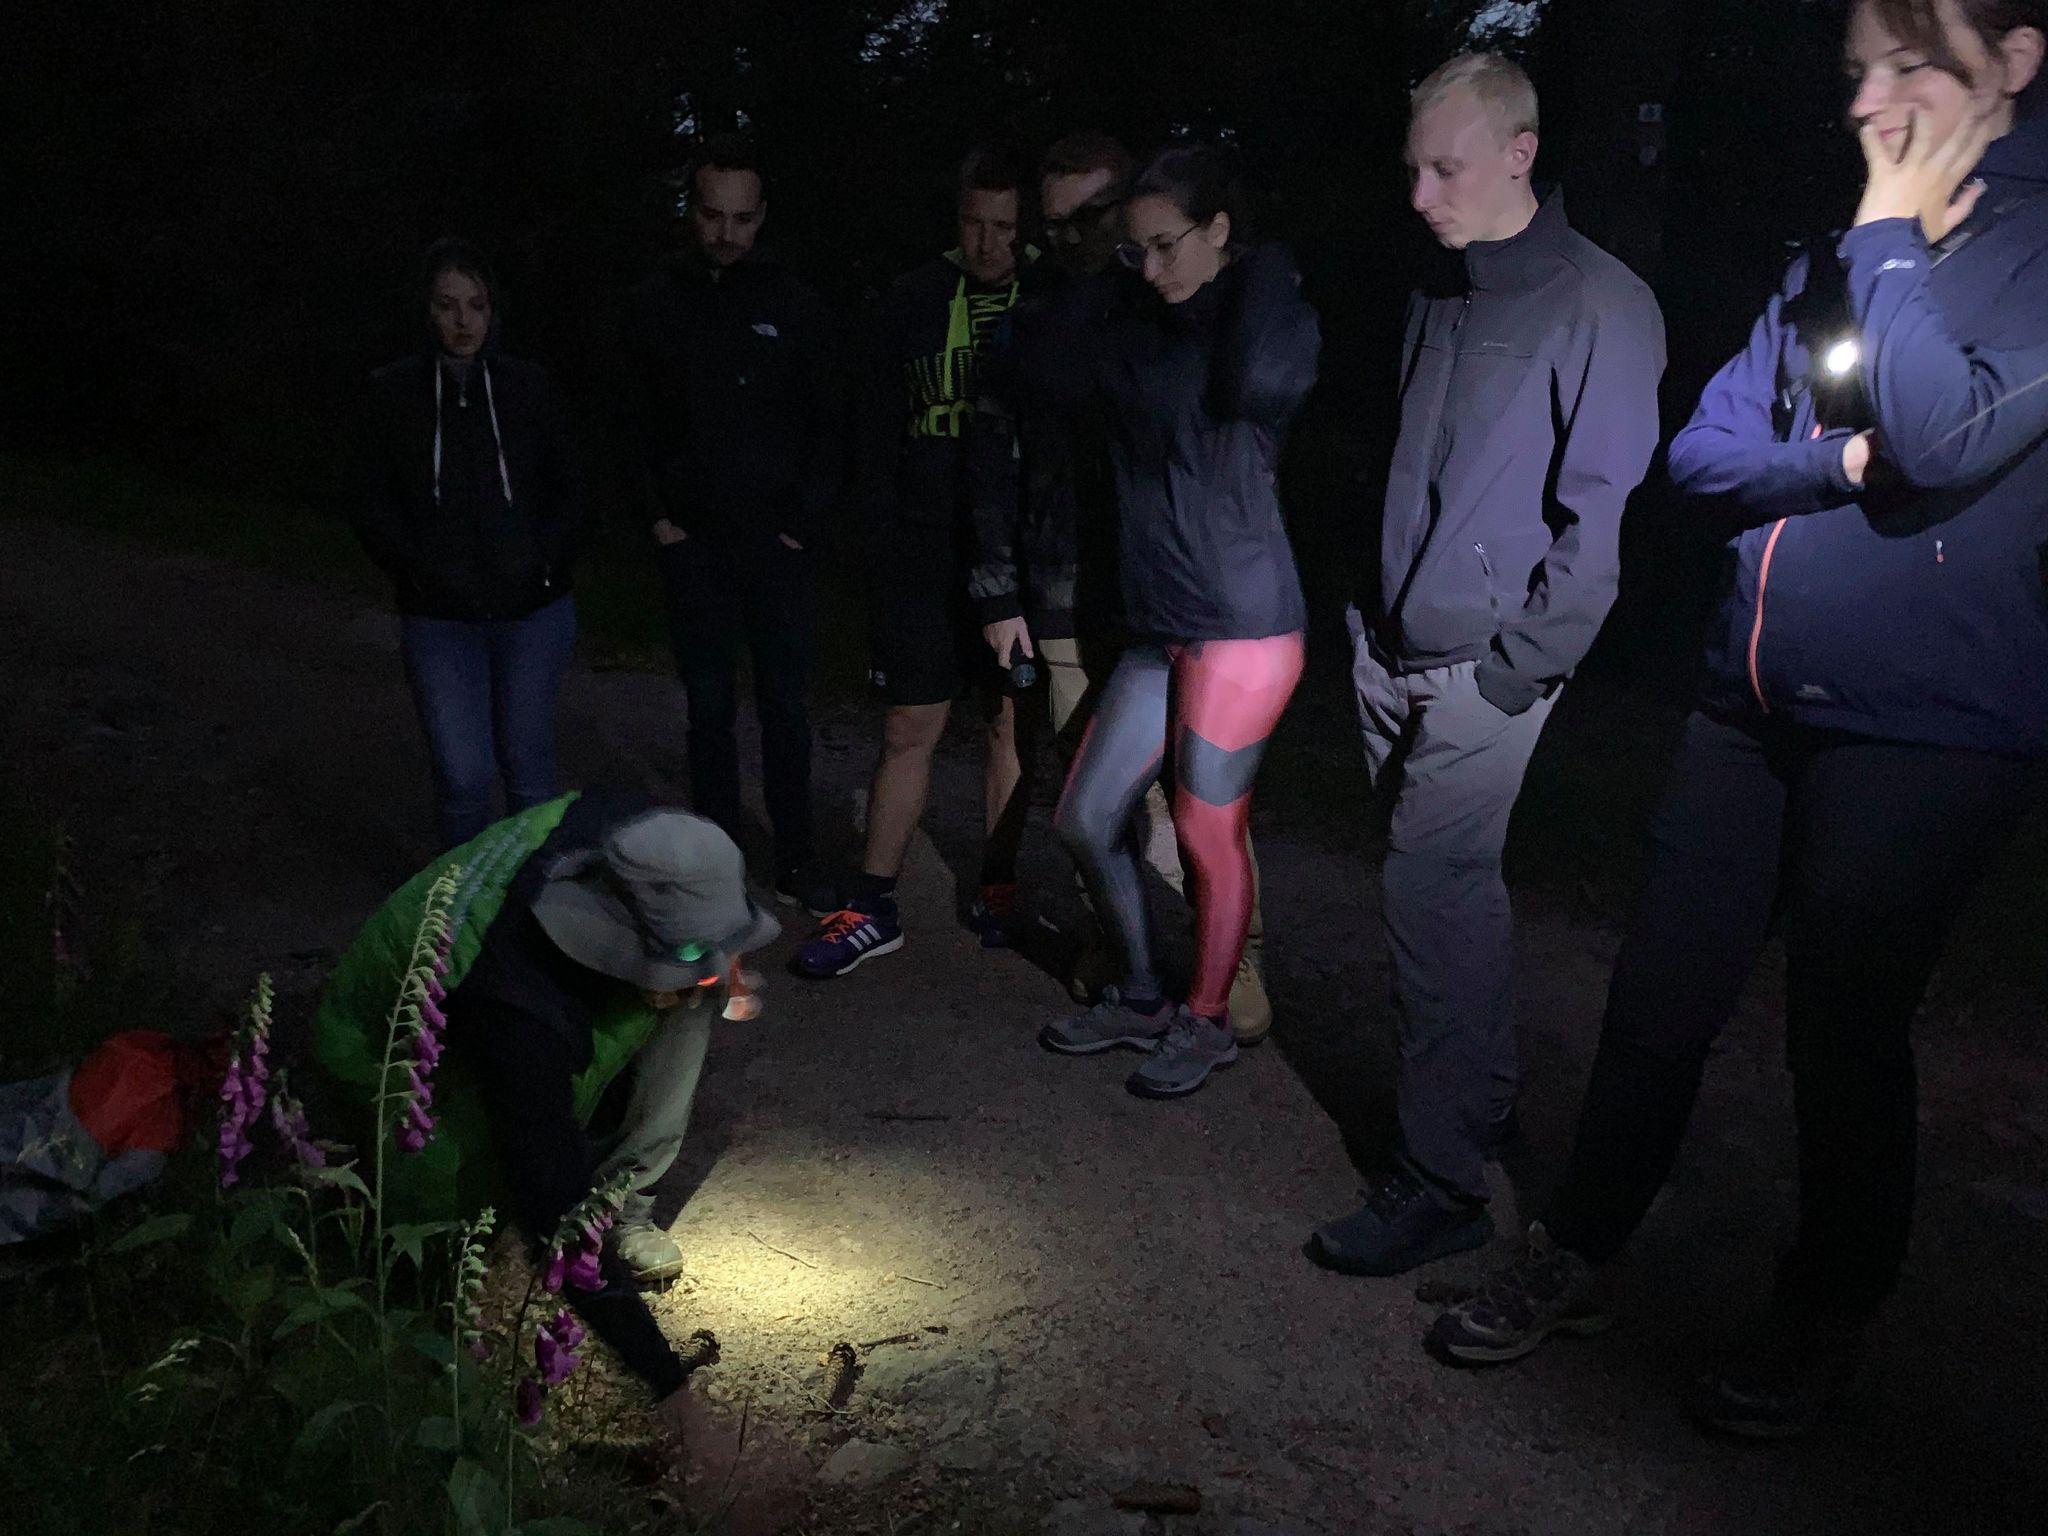 Un groupe de randonneurs et leur guide dans une balade nocture pendant la Nuit des Refuges